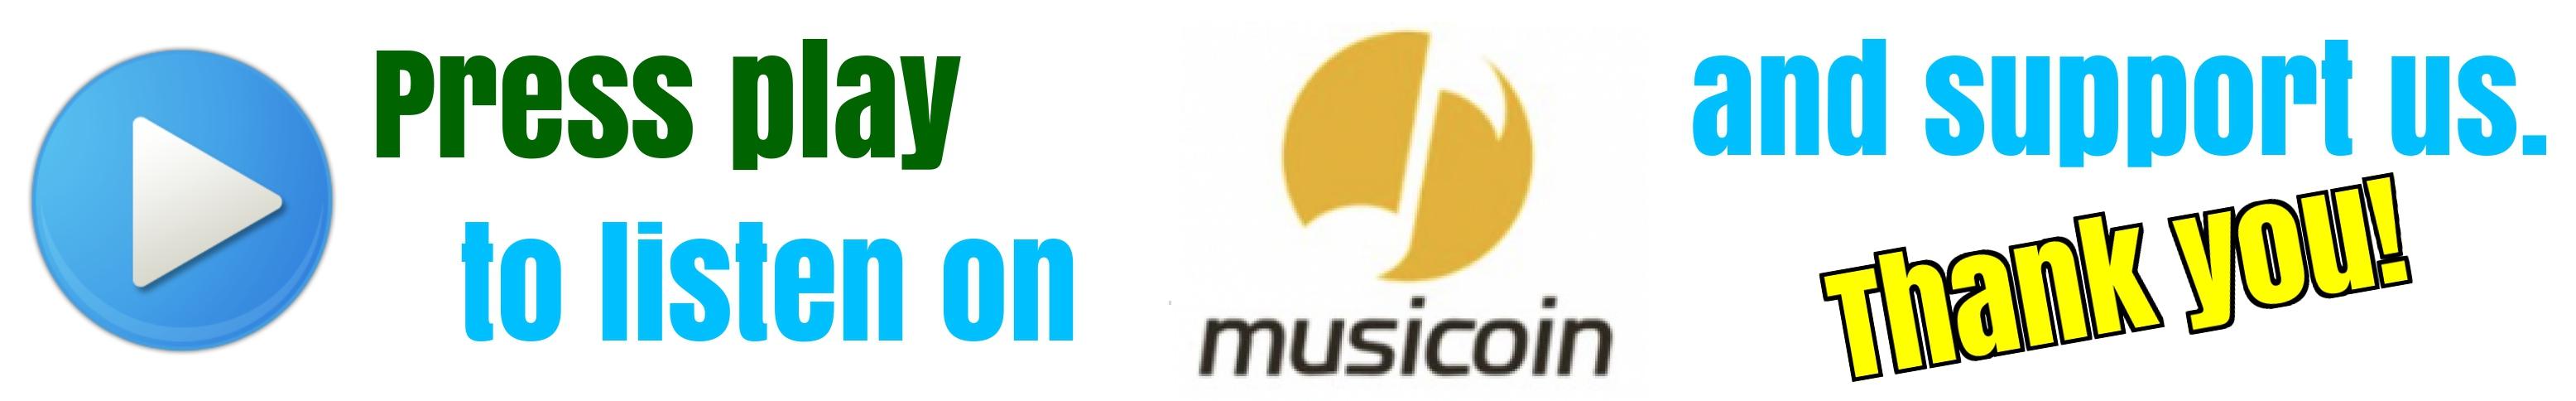 play-on-musicoin.jpg